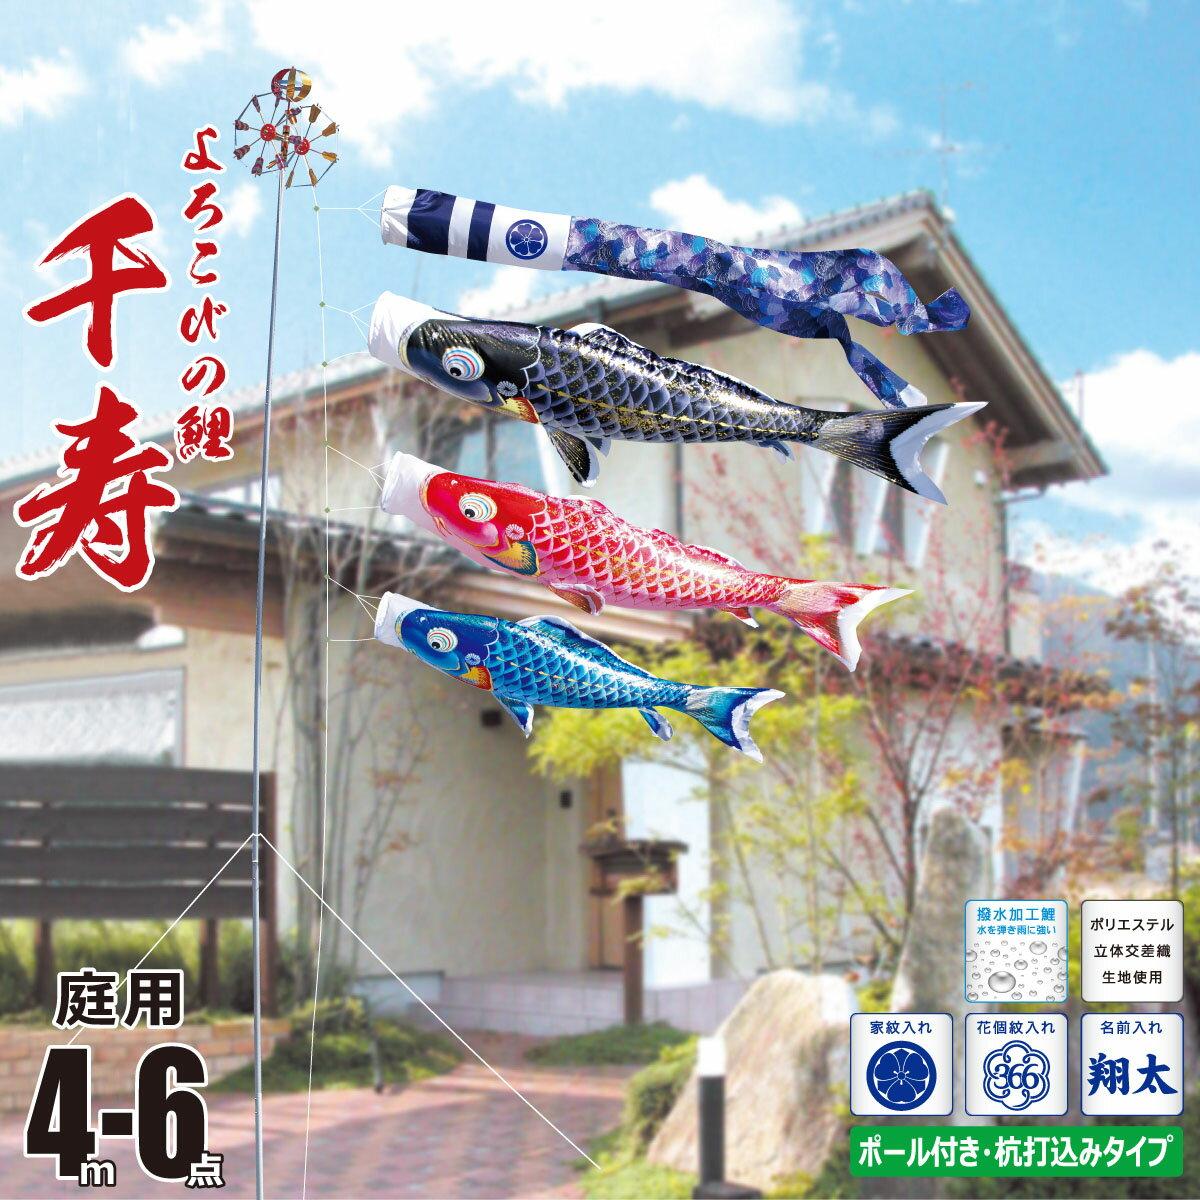 こいのぼり 4m 千寿 6点 (矢車、ロープ、吹流し、鯉3匹) 庭園用 ガーデンセット (専用ポール一式) 徳永鯉のぼり ポイント20倍 KIT-112-130